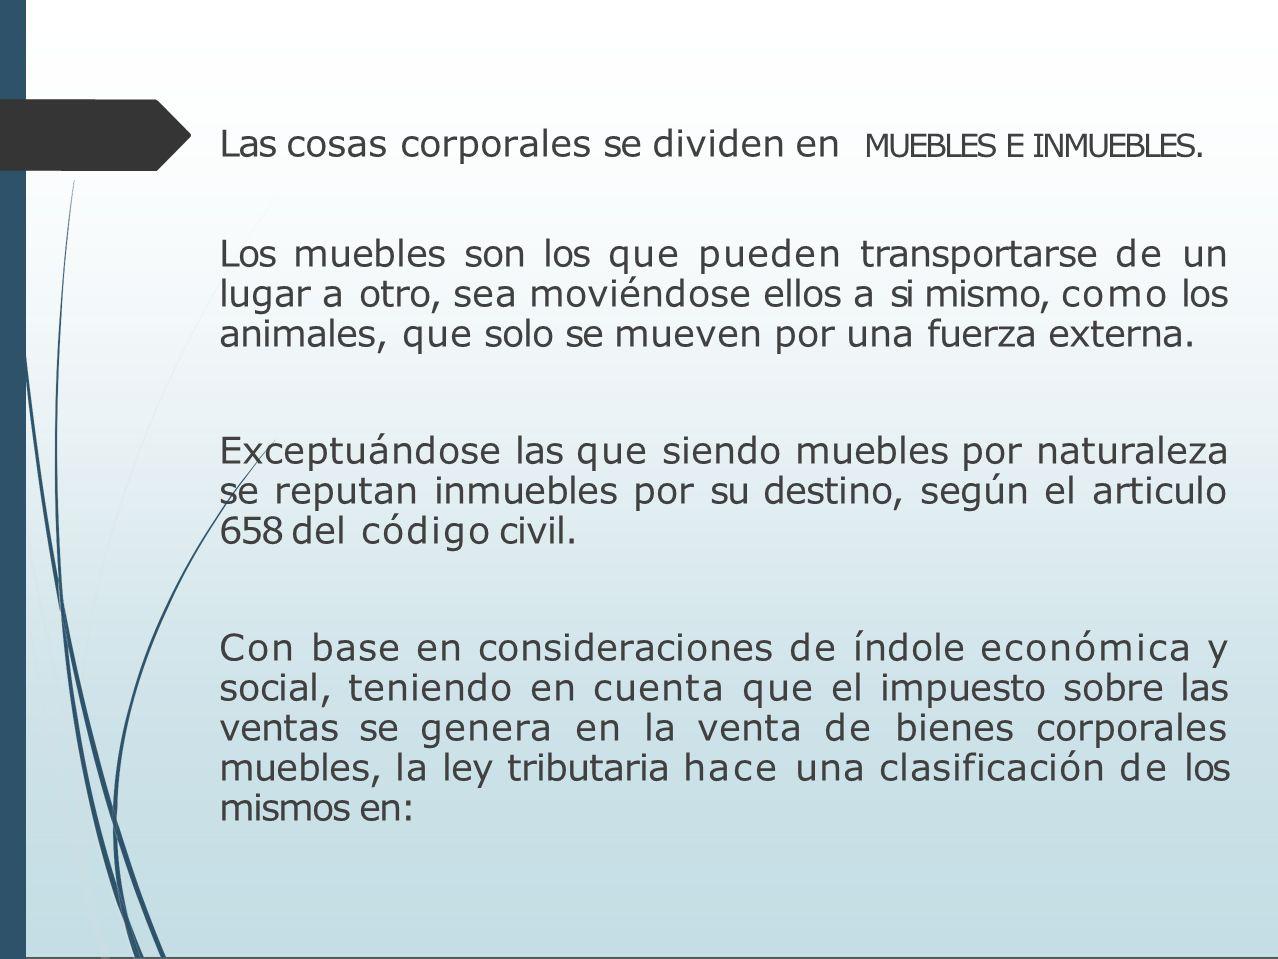 Dina Castro Ppt Descargar # Codigo Civil Muebles E Inmuebles